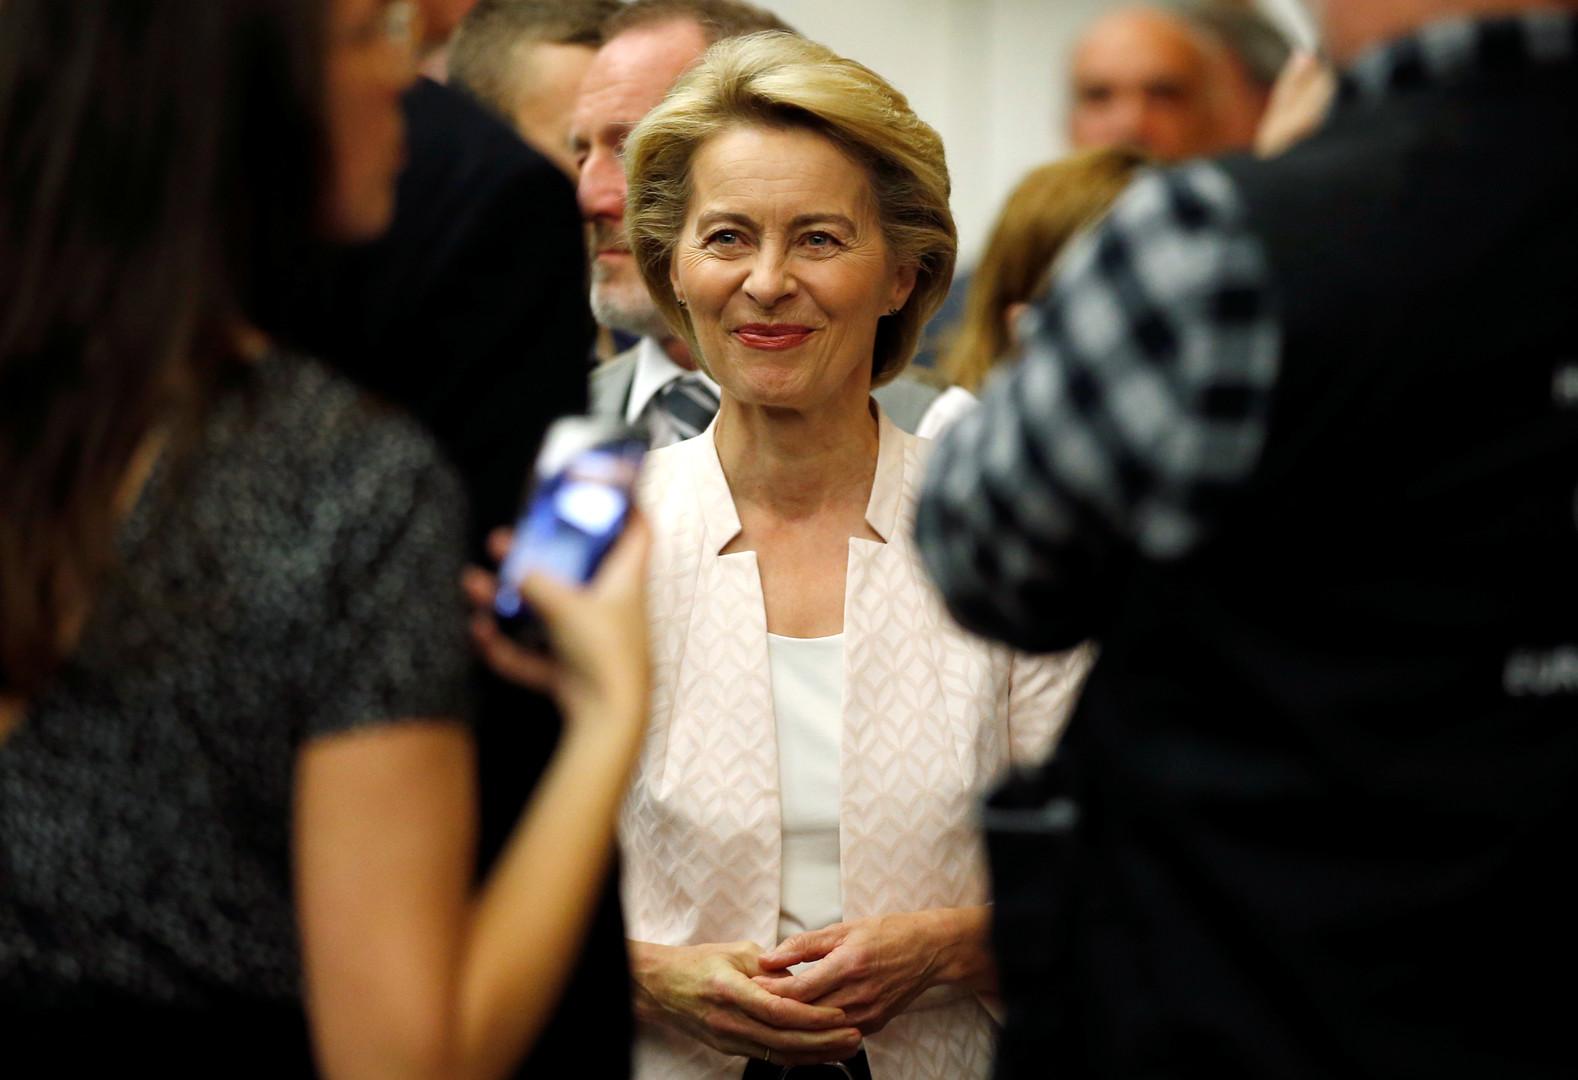 وزيرة الدفاع الألمانية ستستقيل بغض النظر عن نتيجة تصويت البرلمان الأوروبي